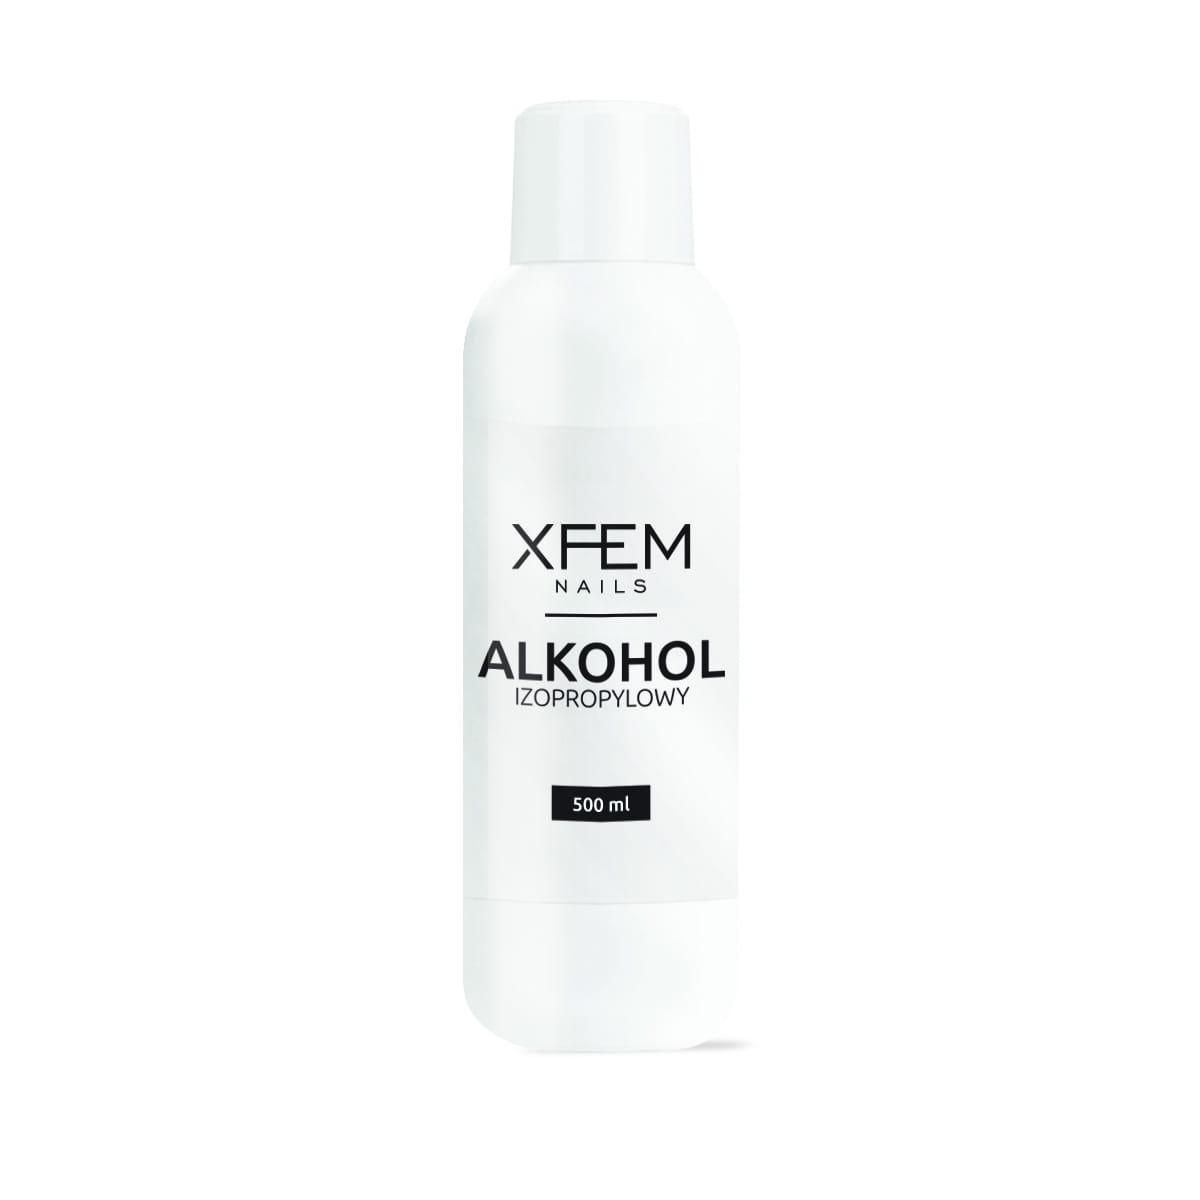 XFEM Alkohol izopropylowy 99% 500 ml